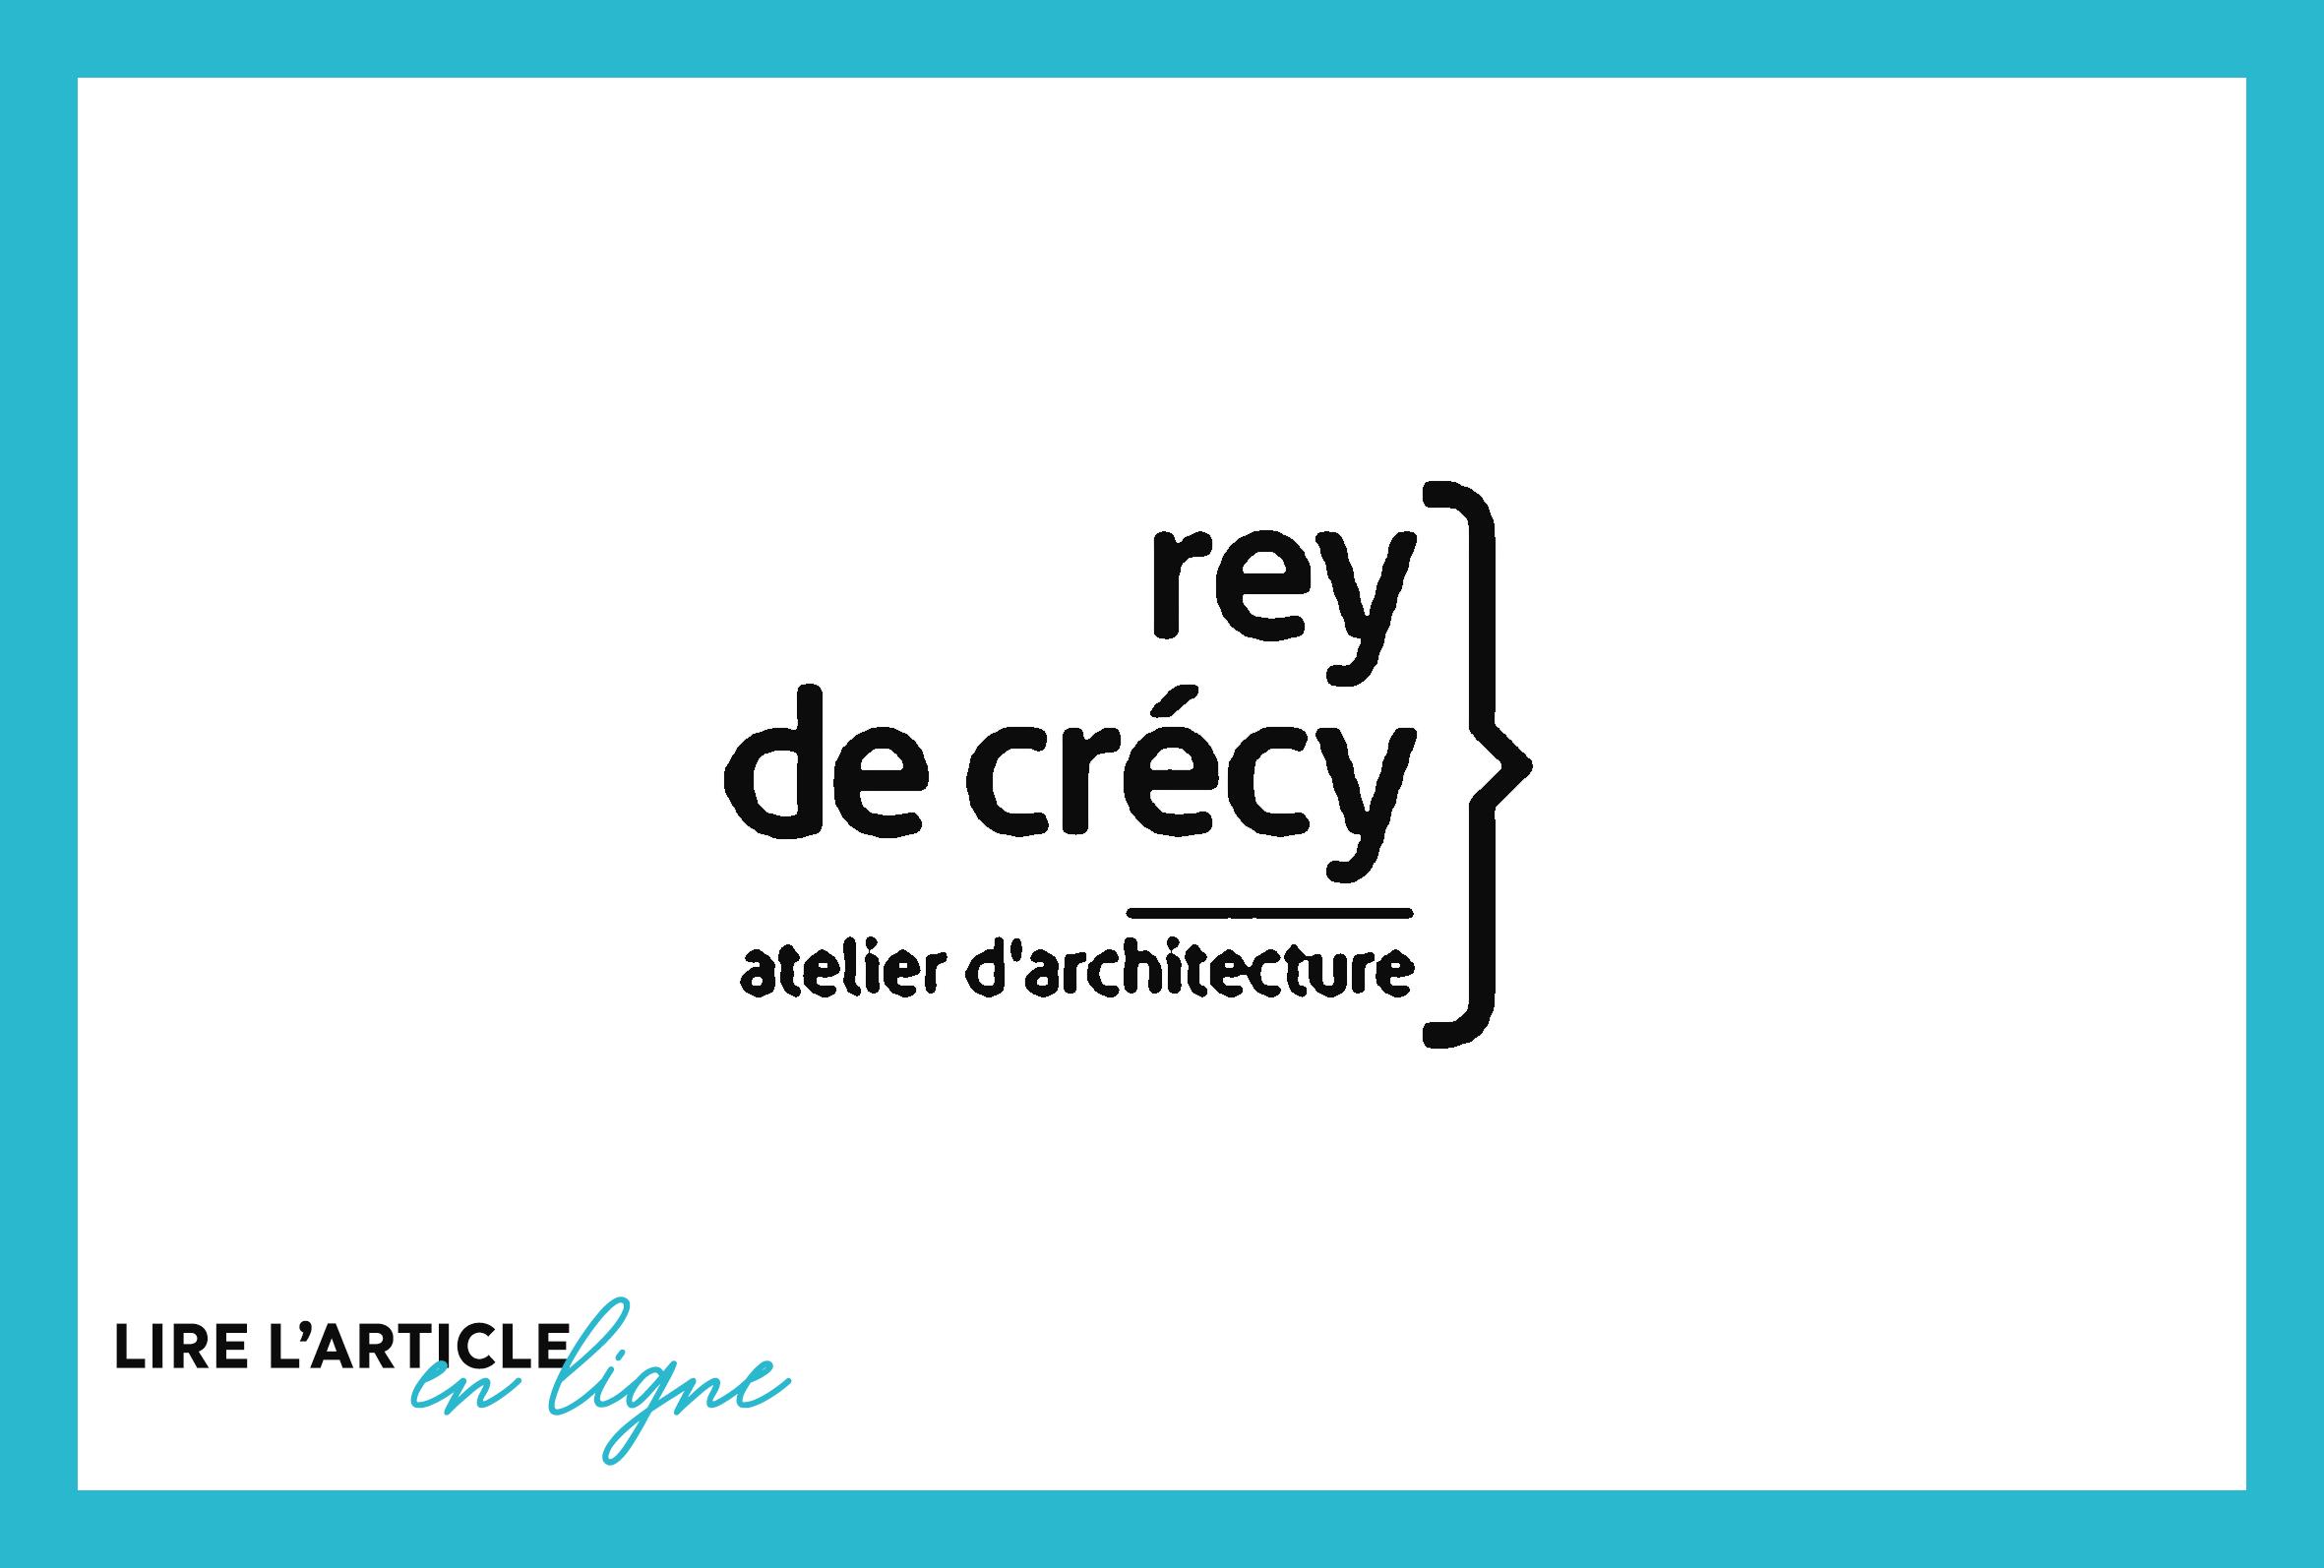 RCA - REY DE CRÉCY